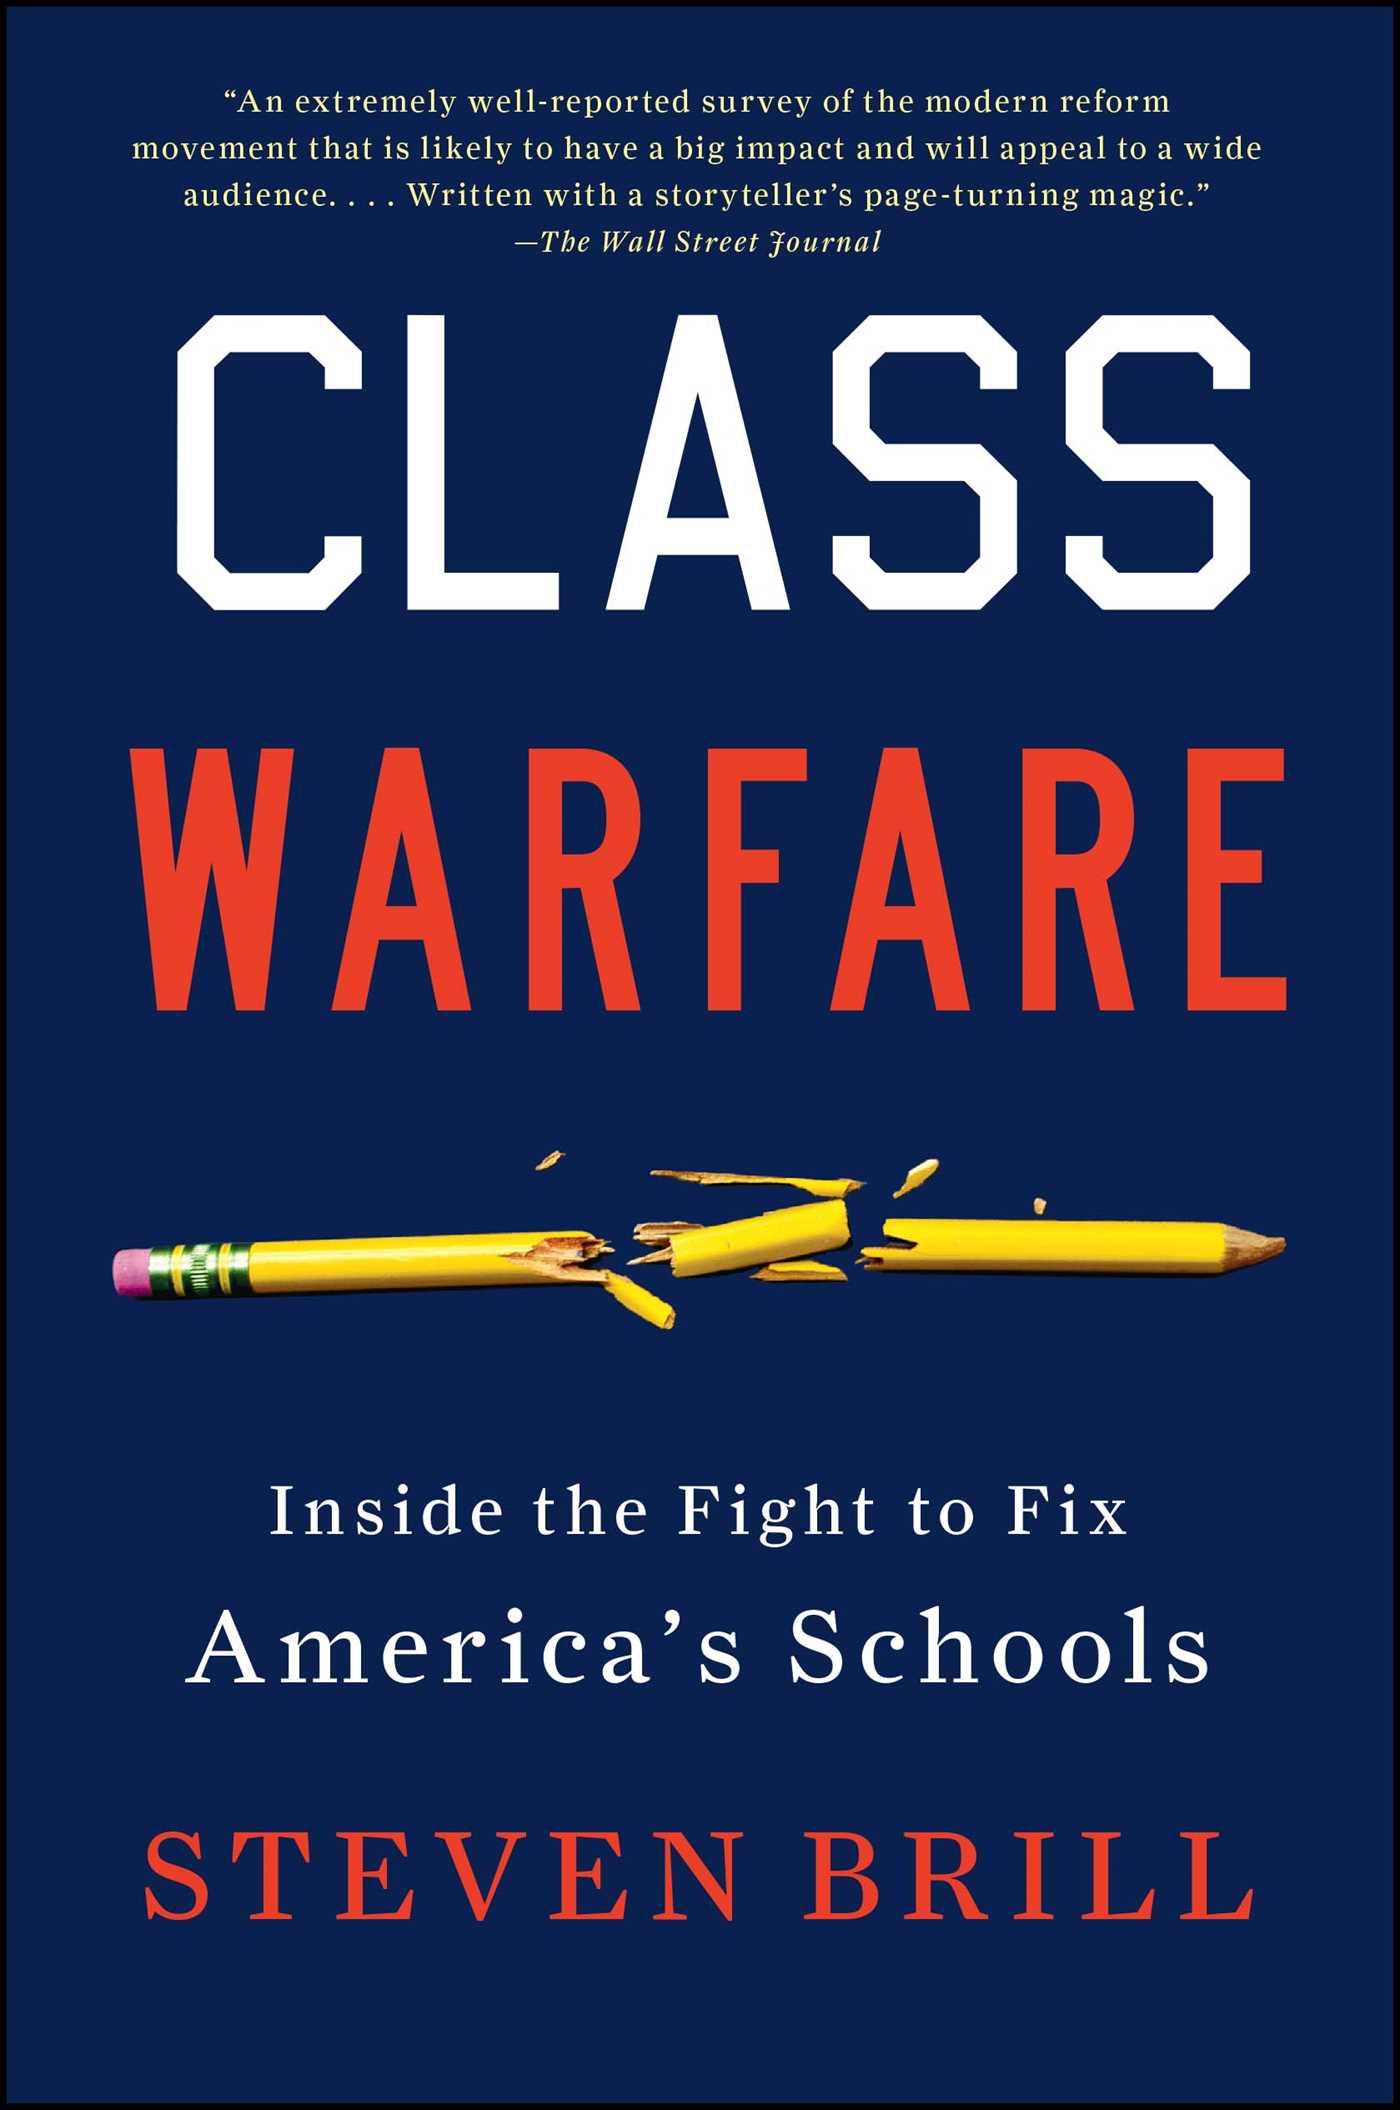 Class warfare 9781451612011 hr